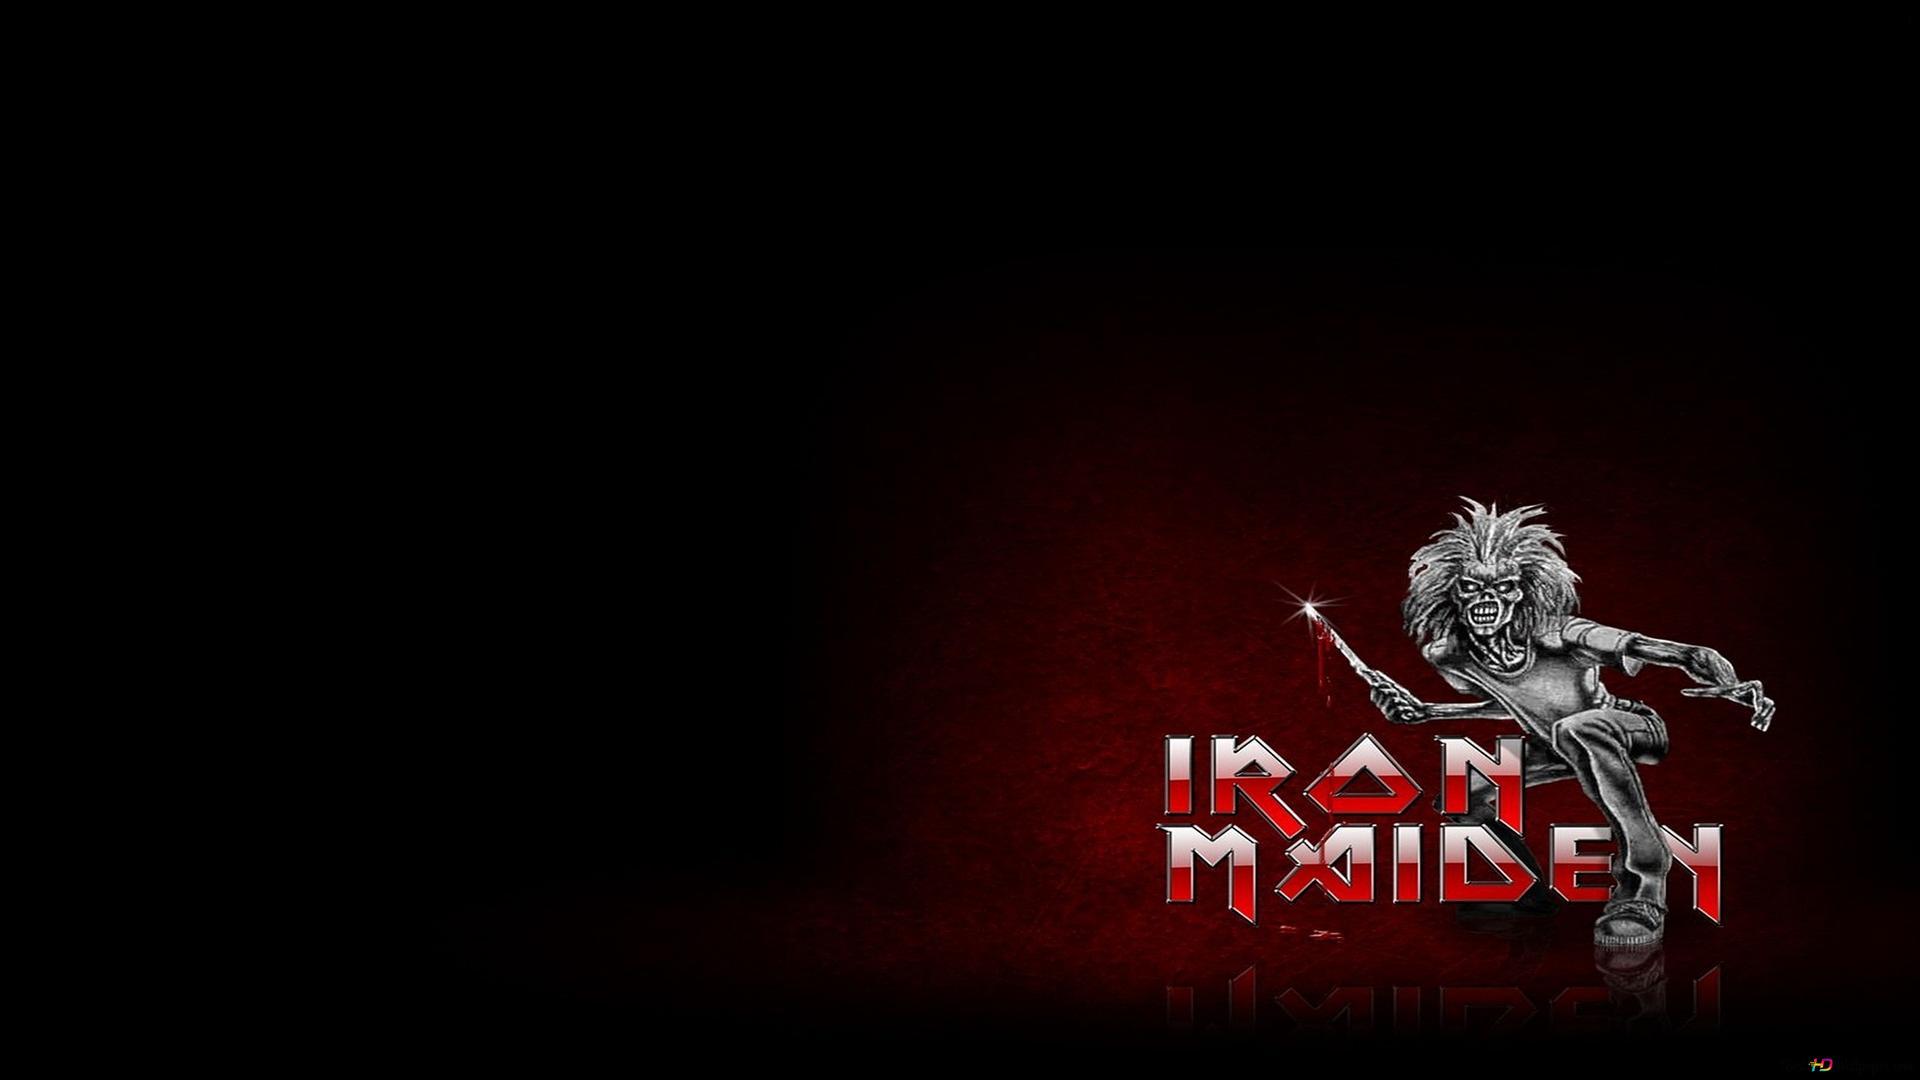 Descargar Fondo De Pantalla Iron Maiden Banda De Metal Hd